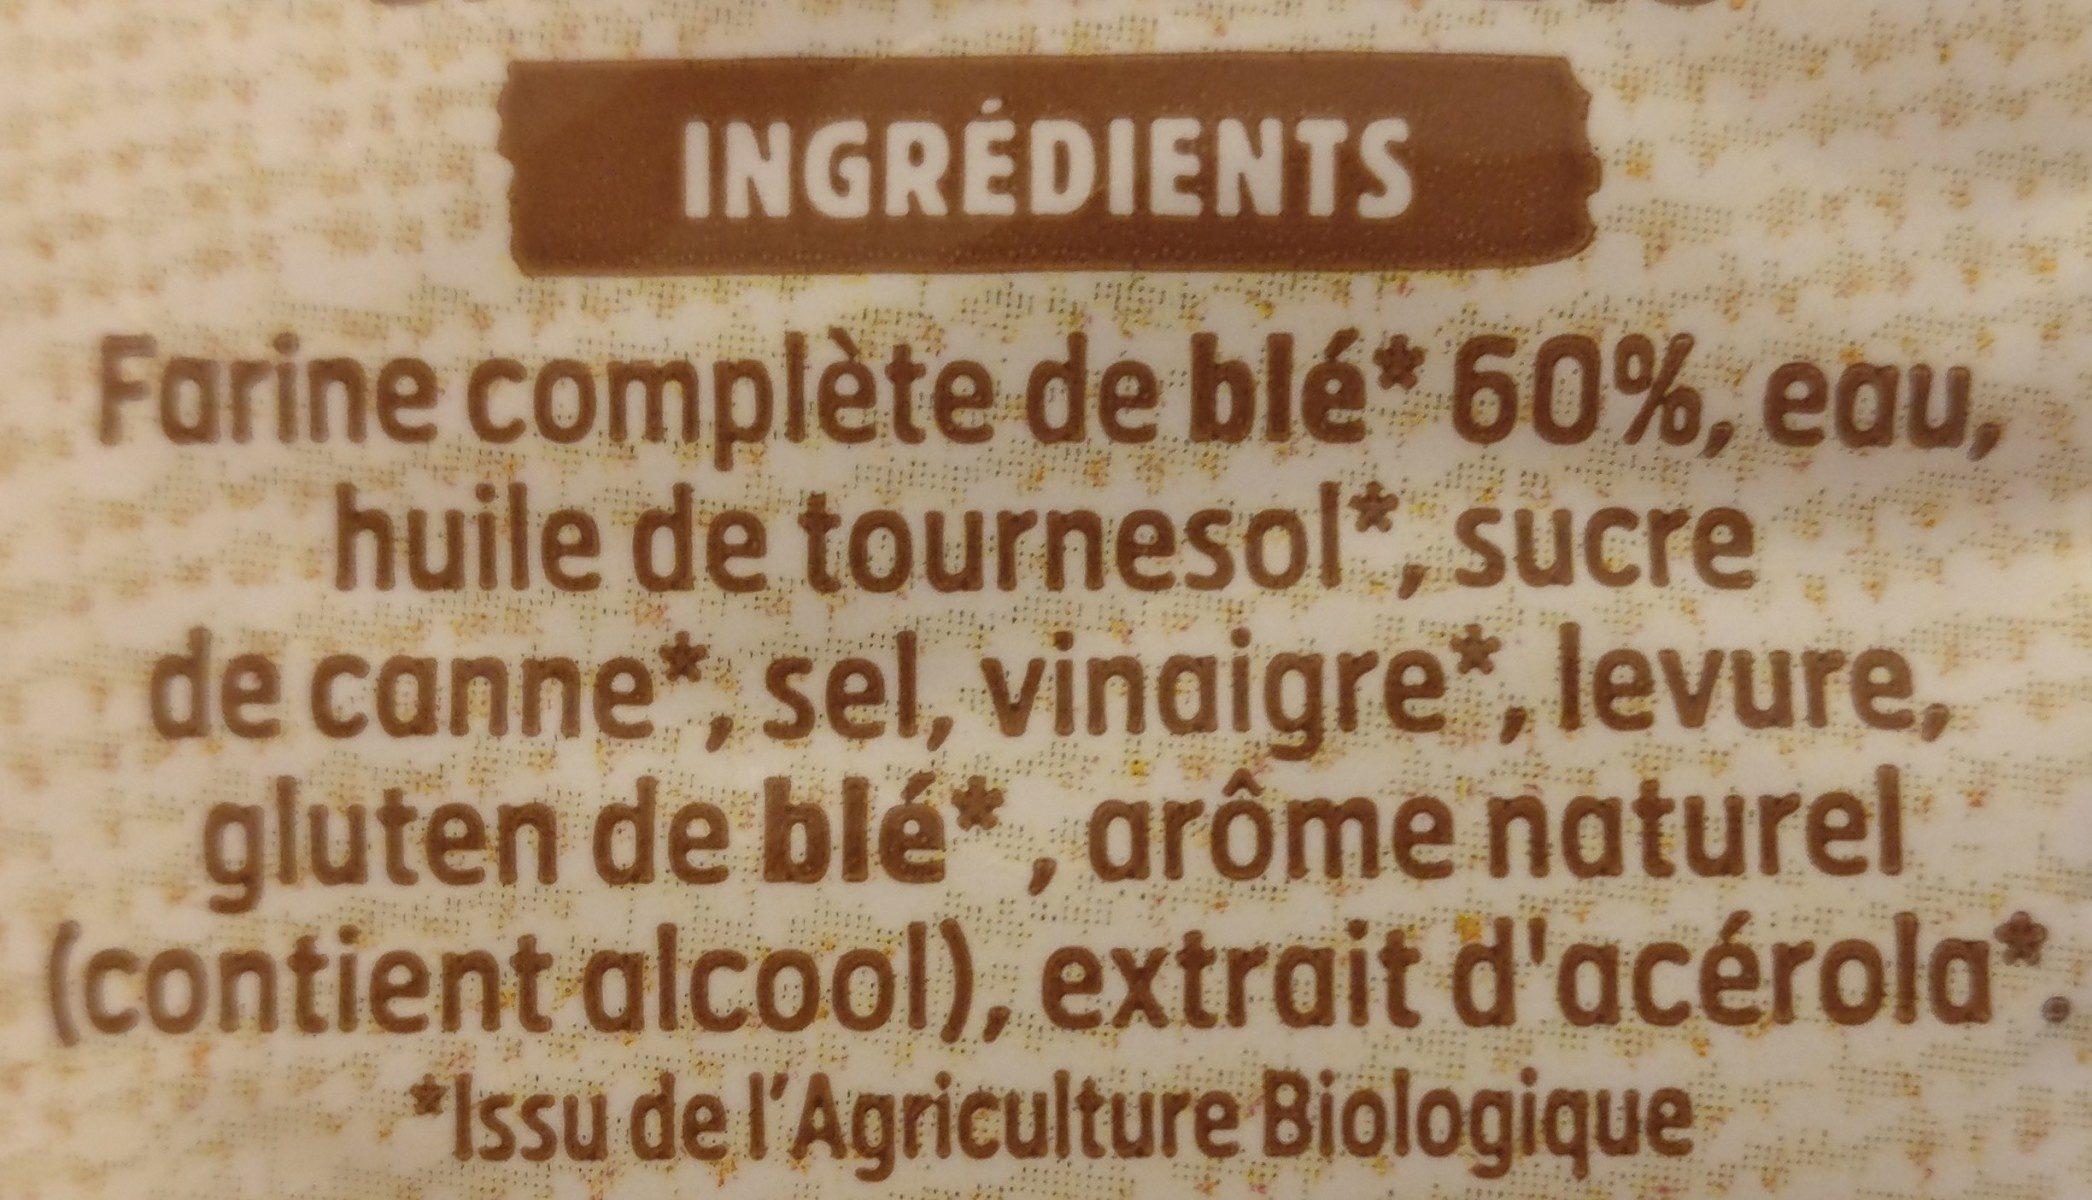 Harrys pain de mie bio sans croute 100% mie complet - Ingredients - fr